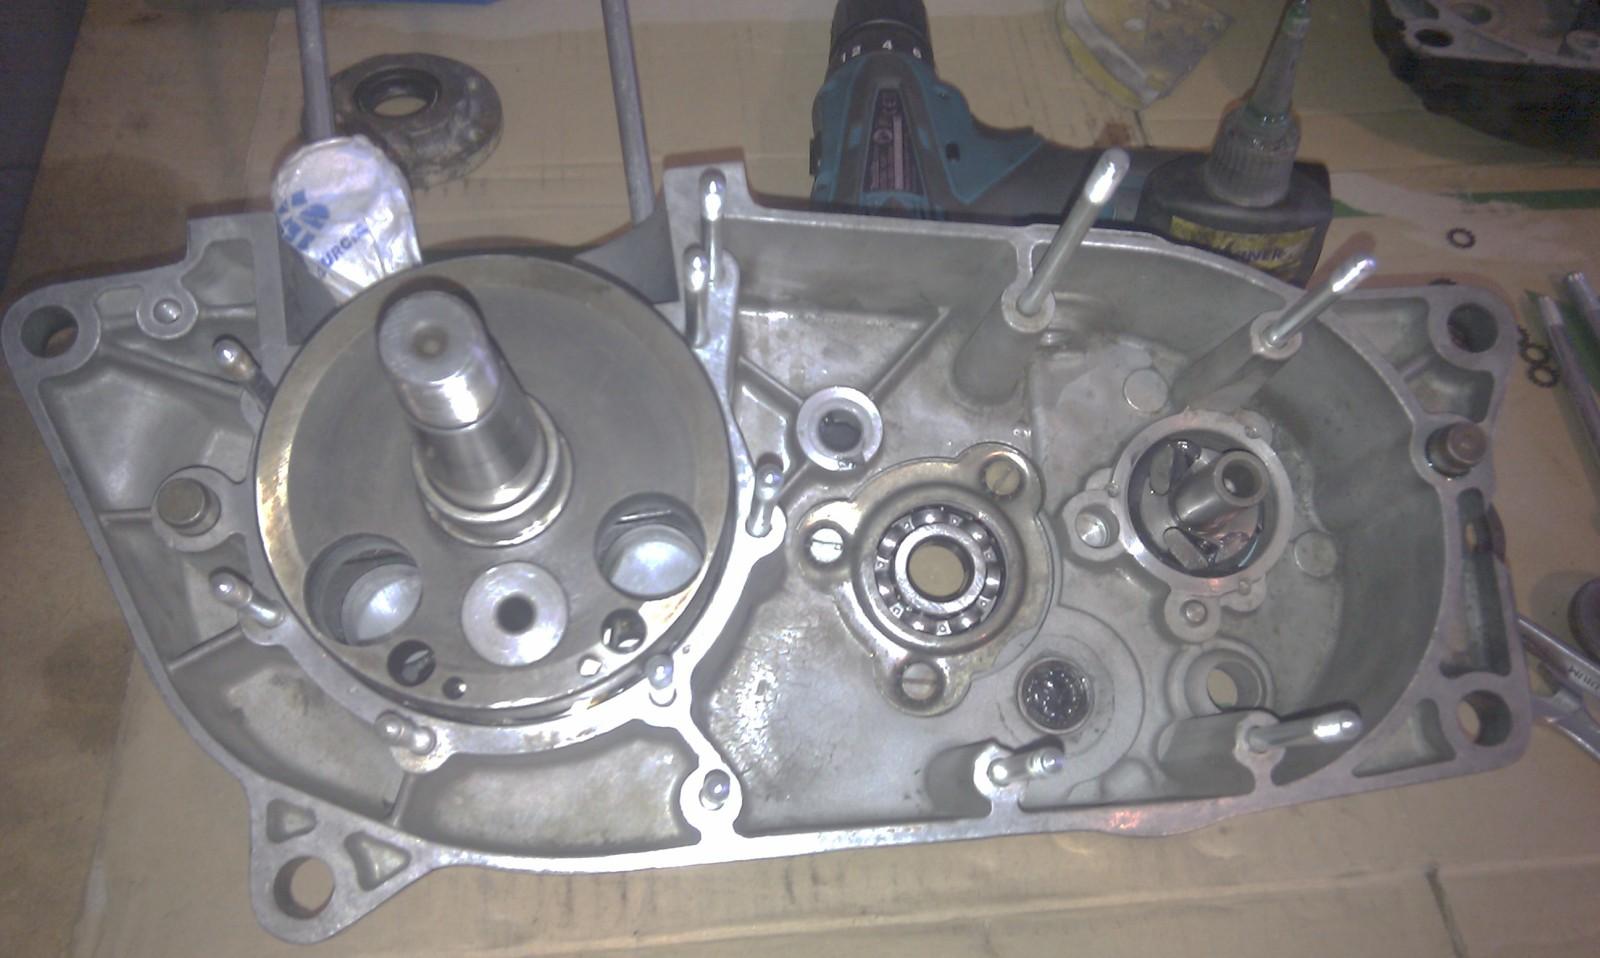 Bultaco MK11 370 - Motor - Página 2 2hs4v3k